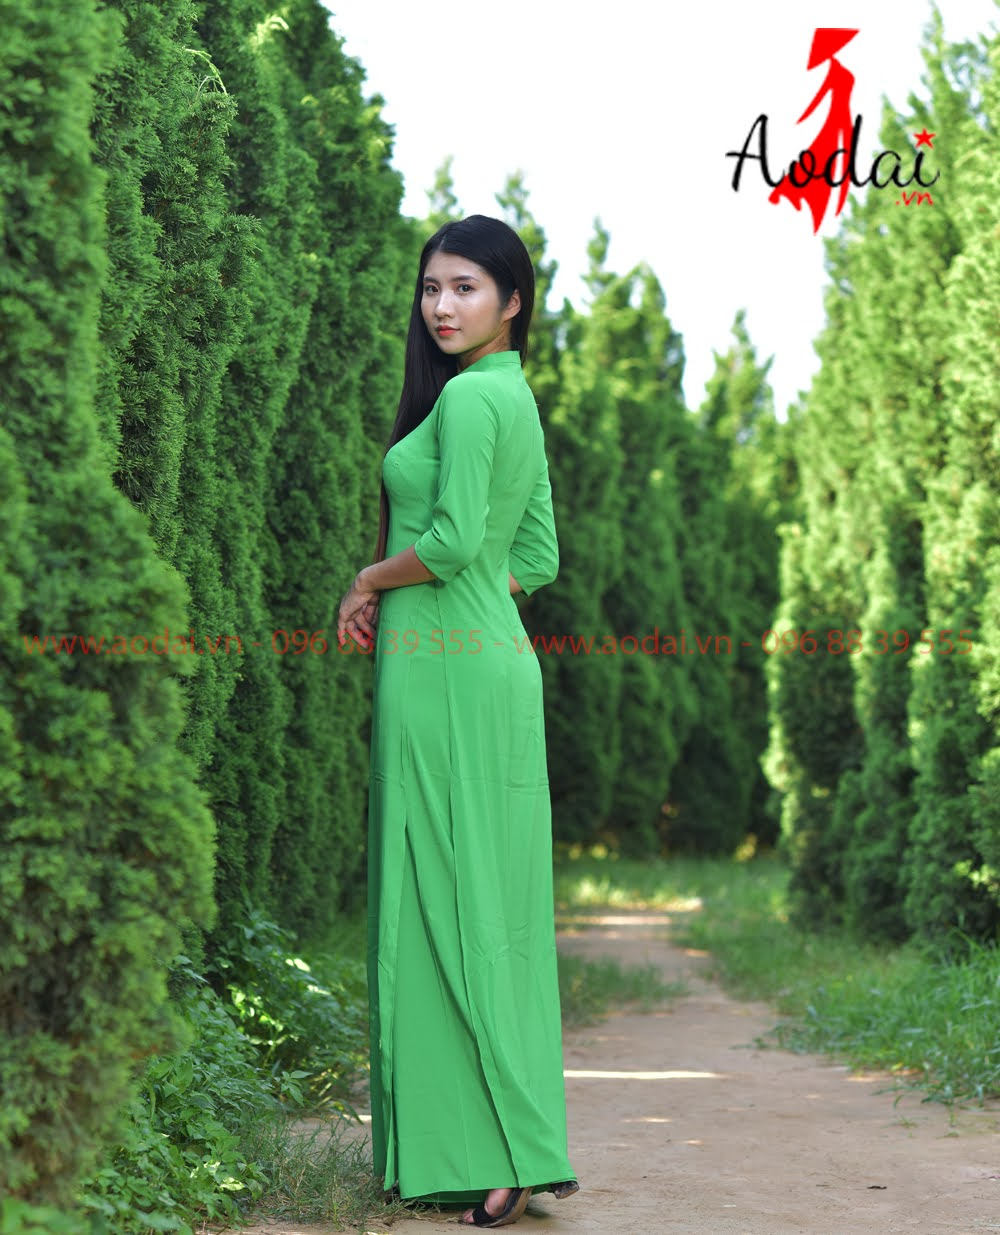 In áo dài tại Lâm Đồng